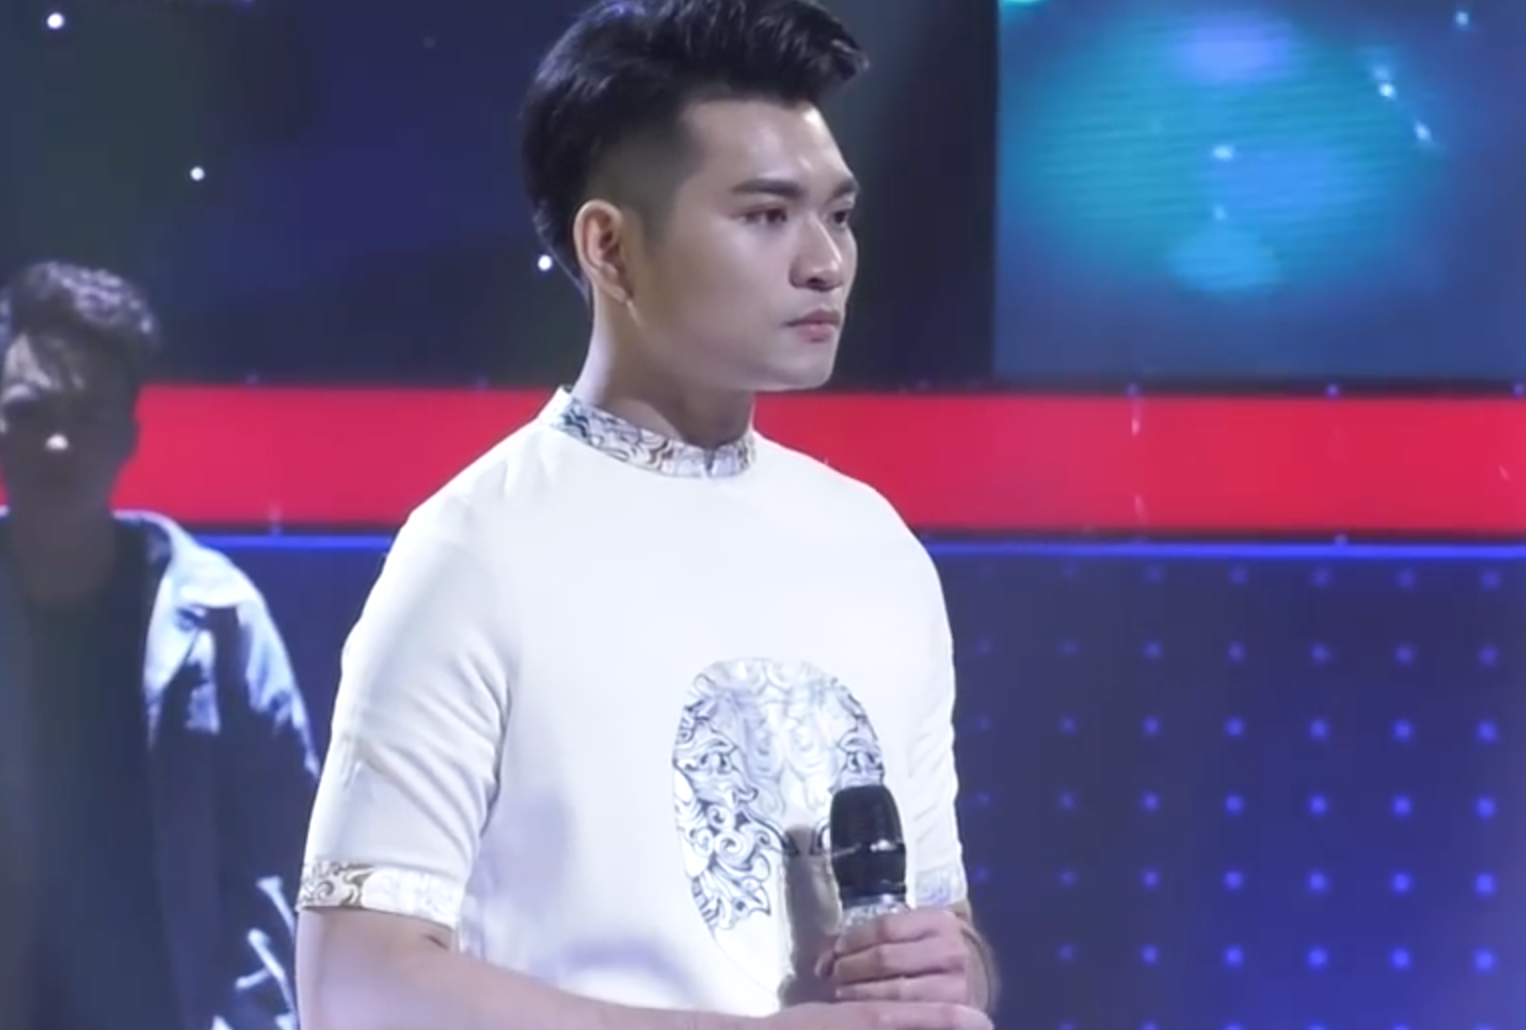 Giọng ải giọng ai: Trấn Thành trìu mến dõi theo màn song ca của Hari Won với thí sinh hát hay - Ảnh 12.